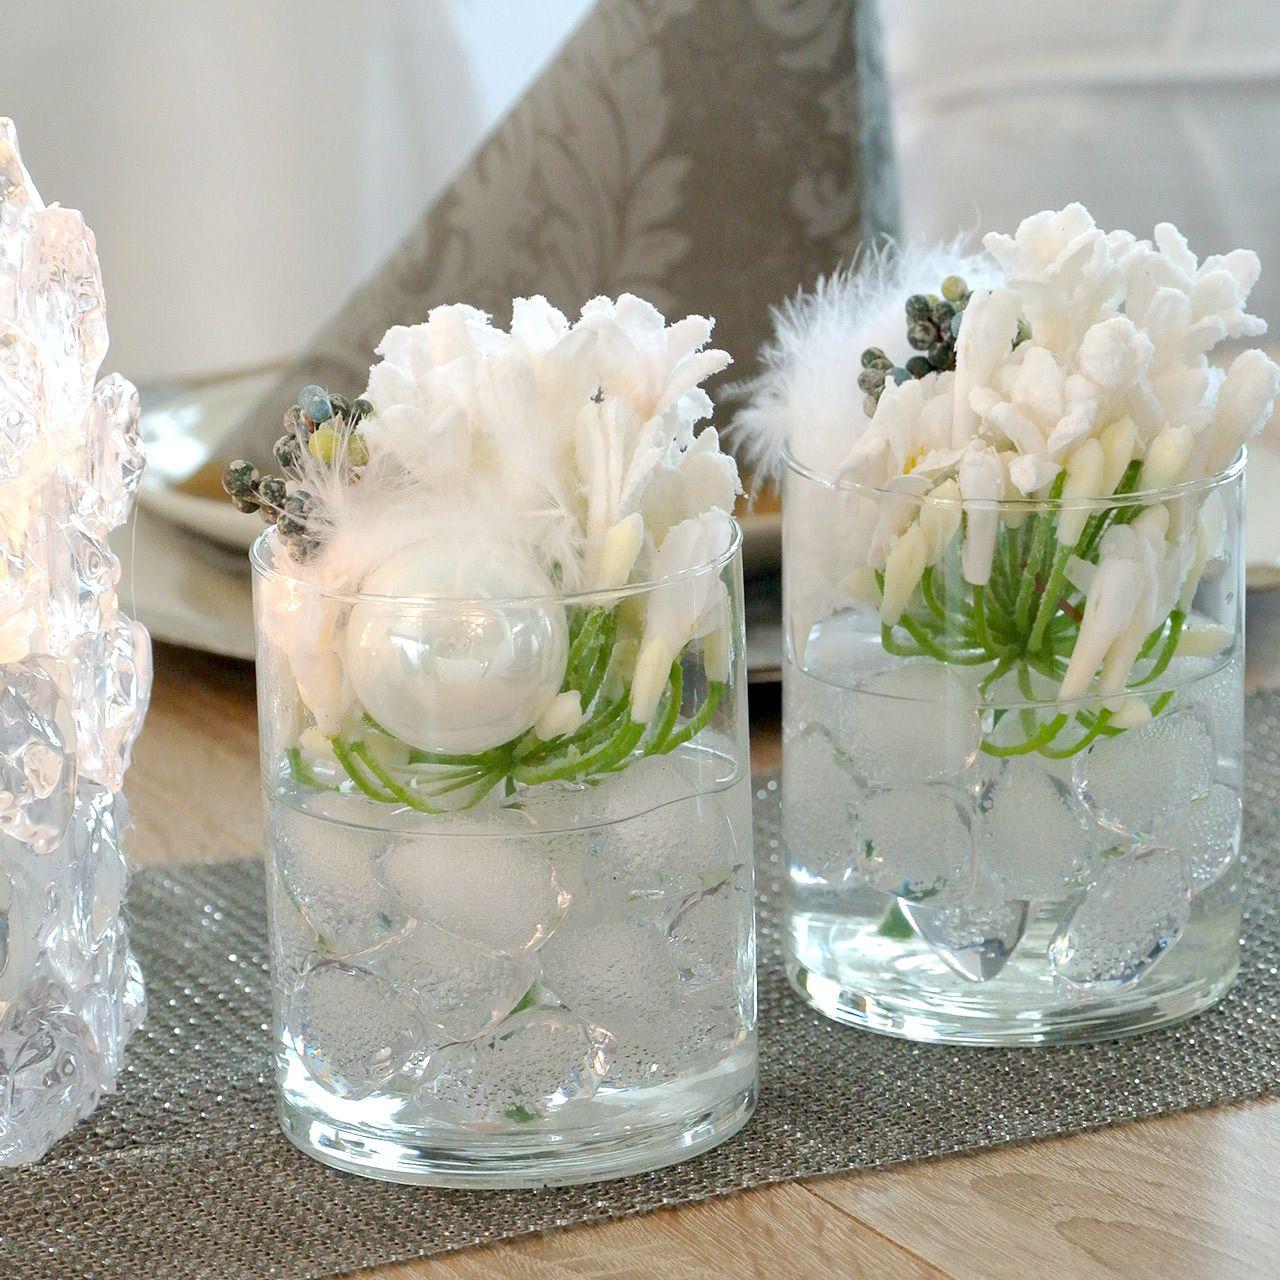 Cubetto di ghiaccio decorativo galleggiante 2,5 cm - 4 cm 500 g